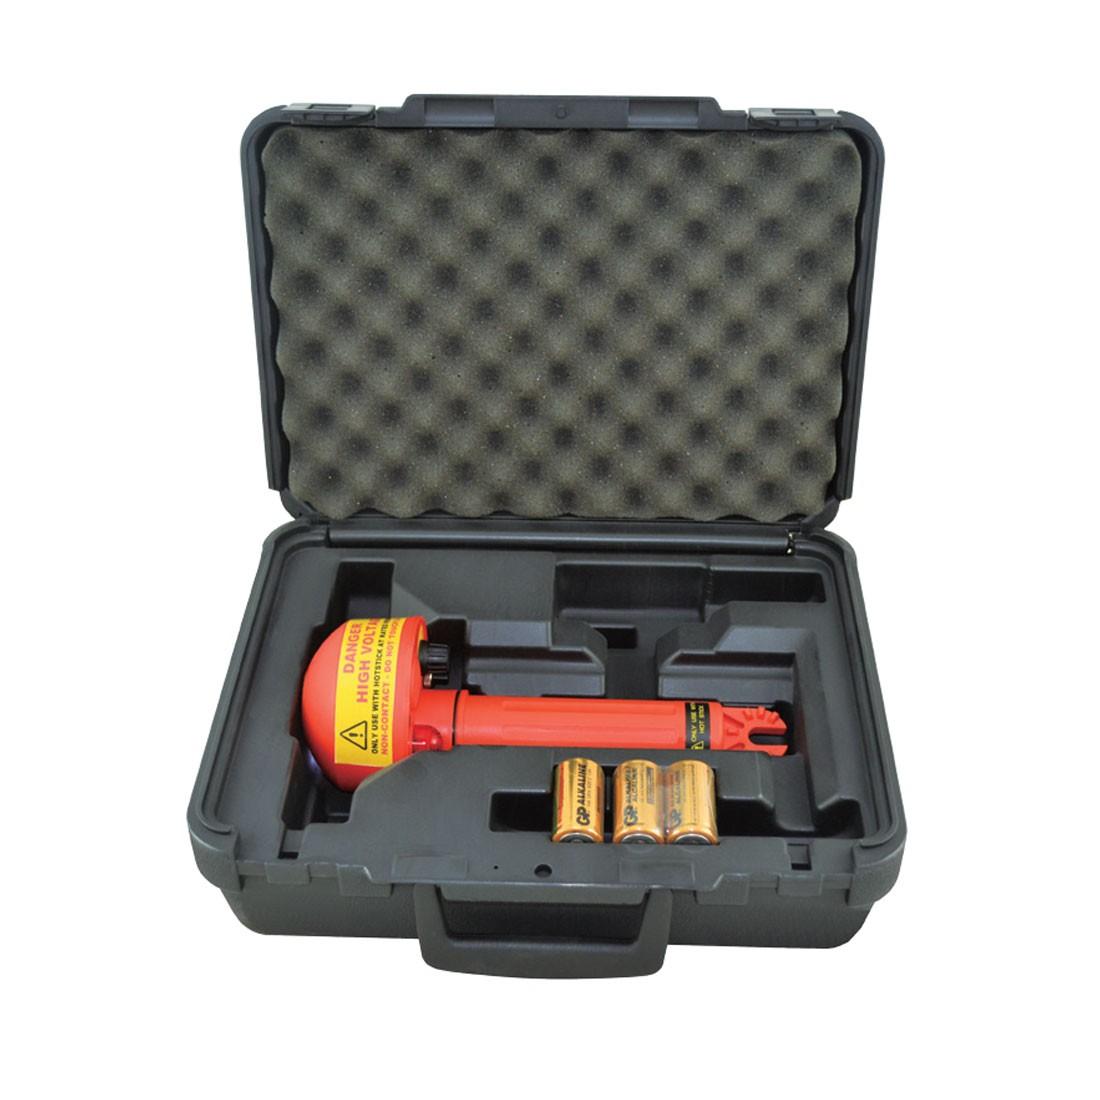 375 HP Non-contact High Voltage Detector